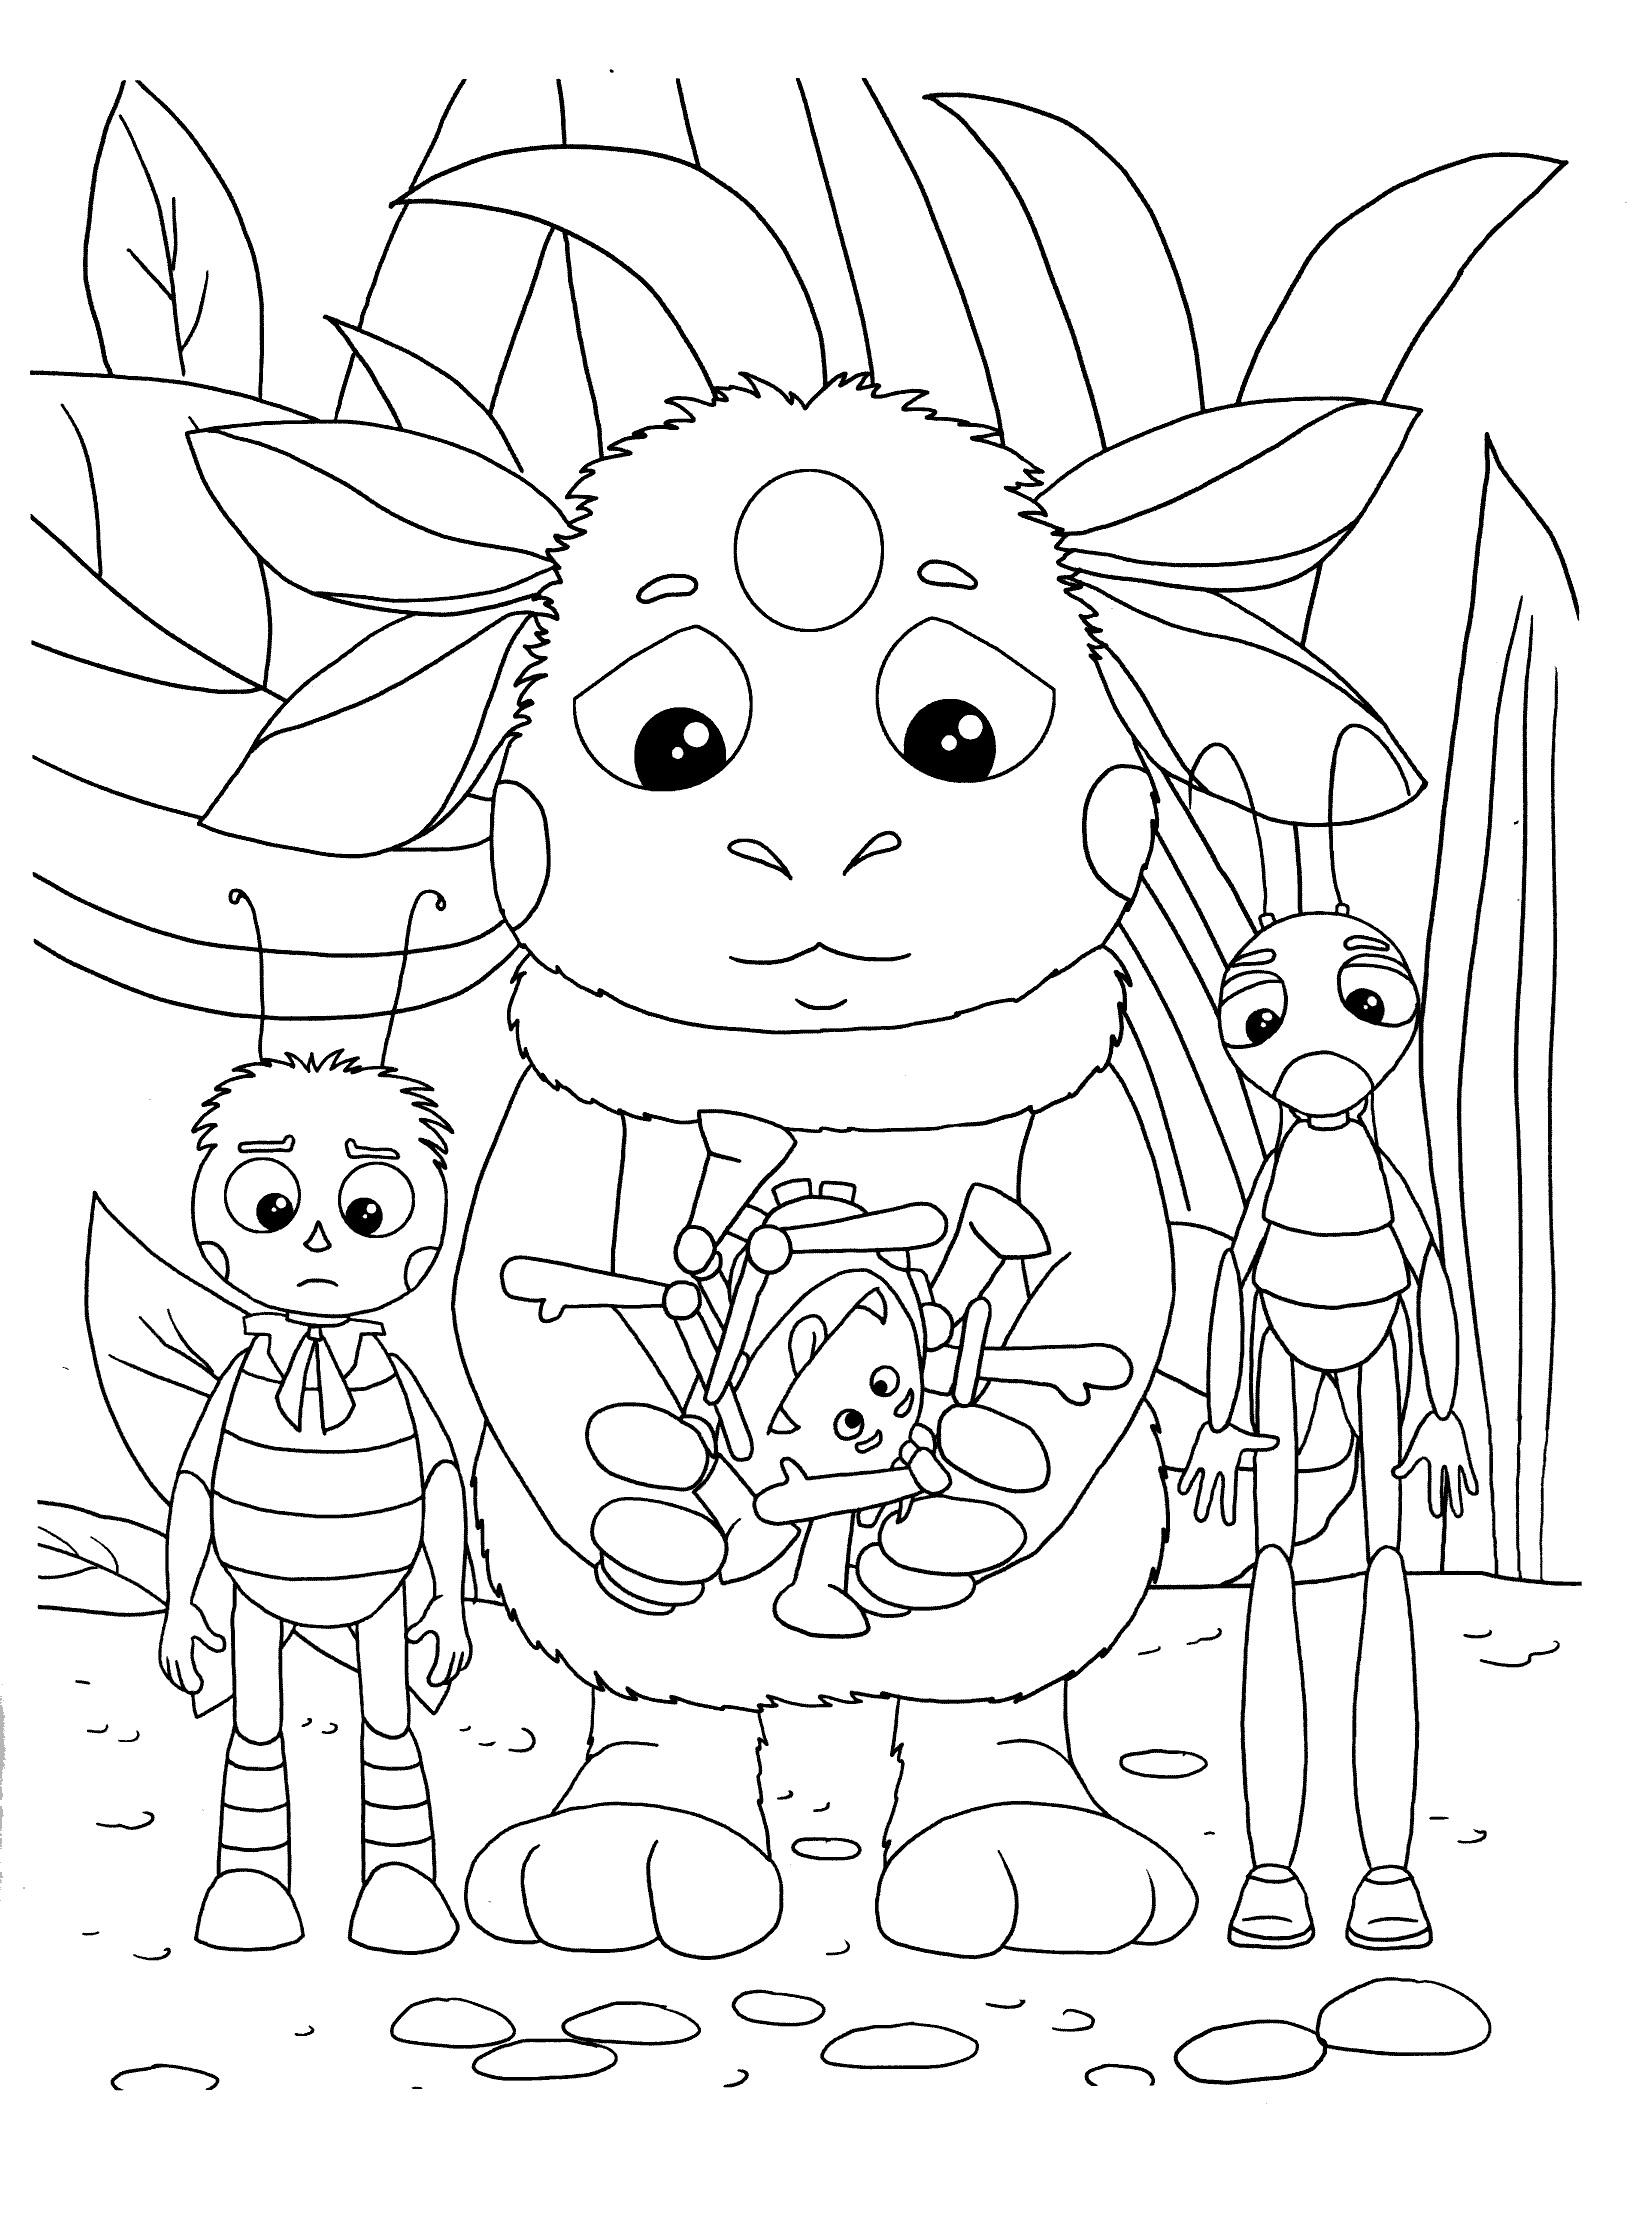 лунтик и его друзья раскраска 7 Printonic Ru